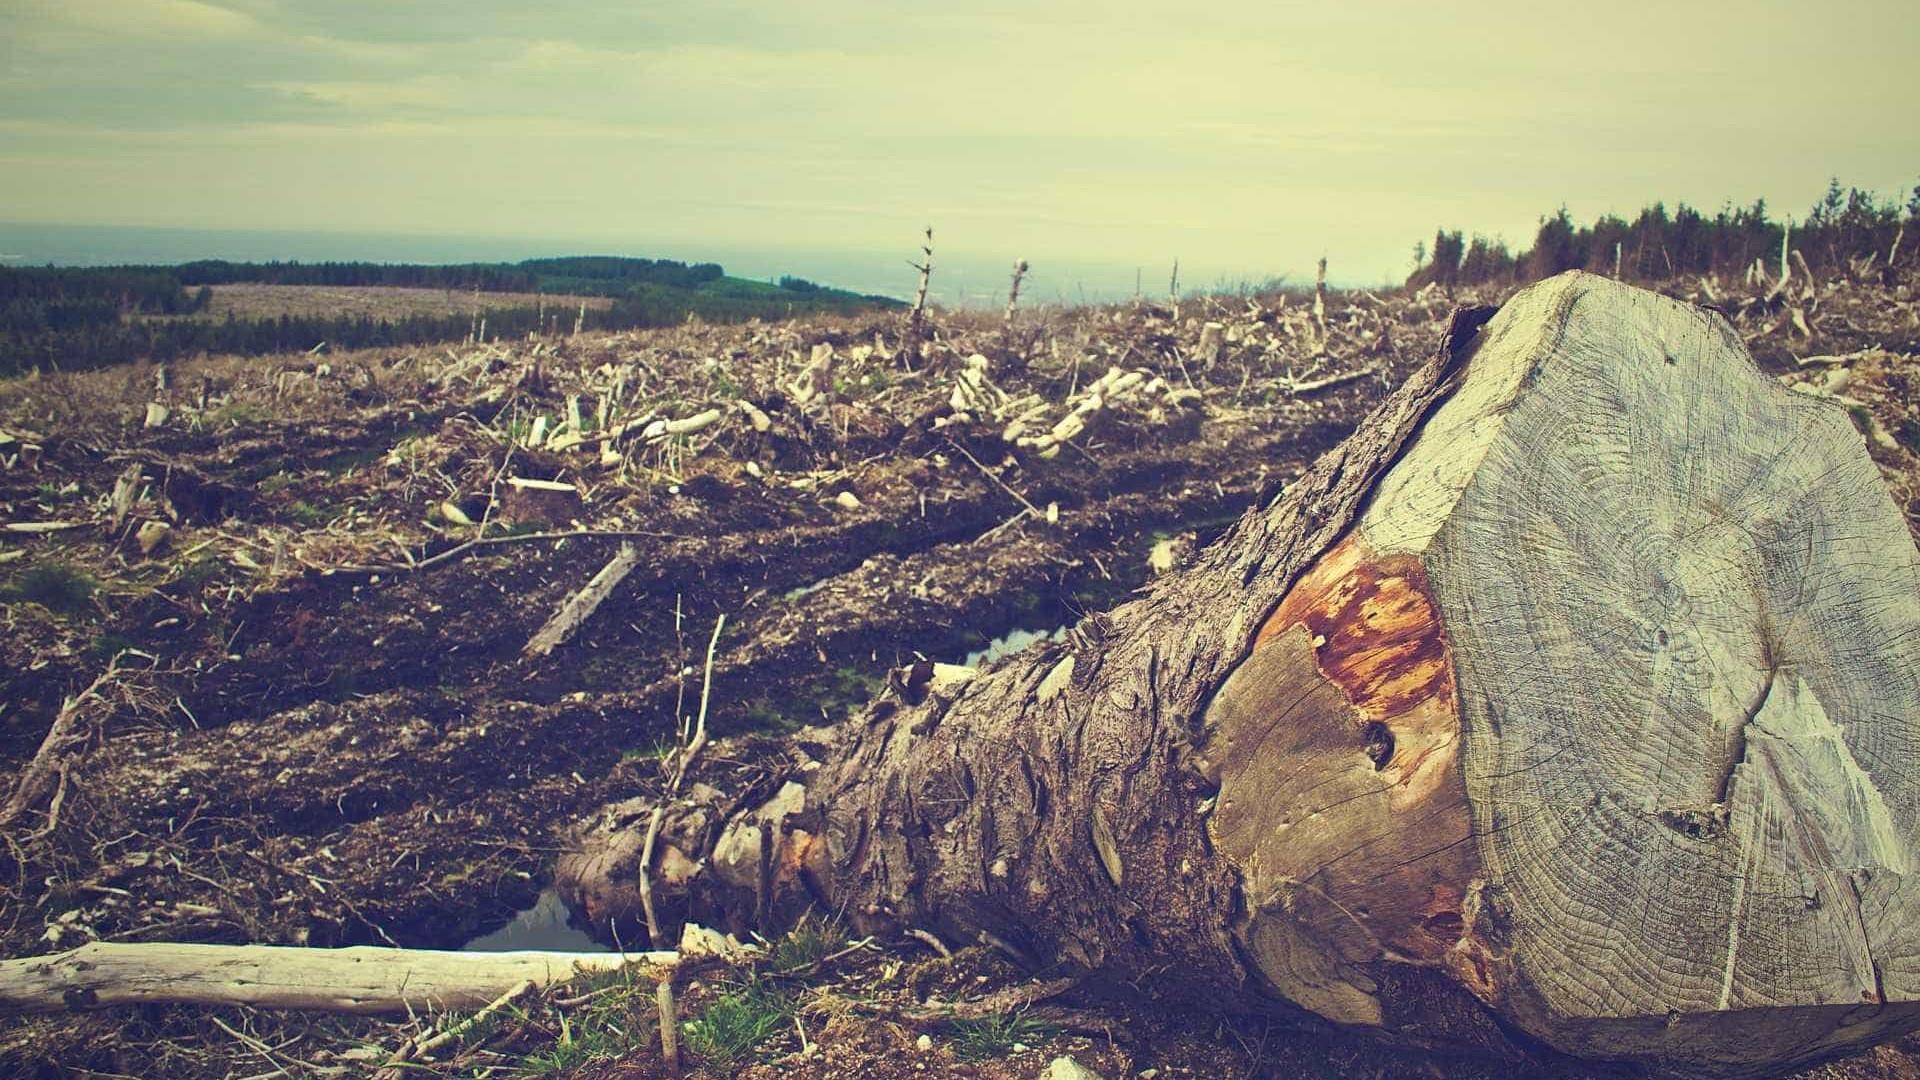 Desmatamento em Unidades de Conservação na Amazônia aumenta